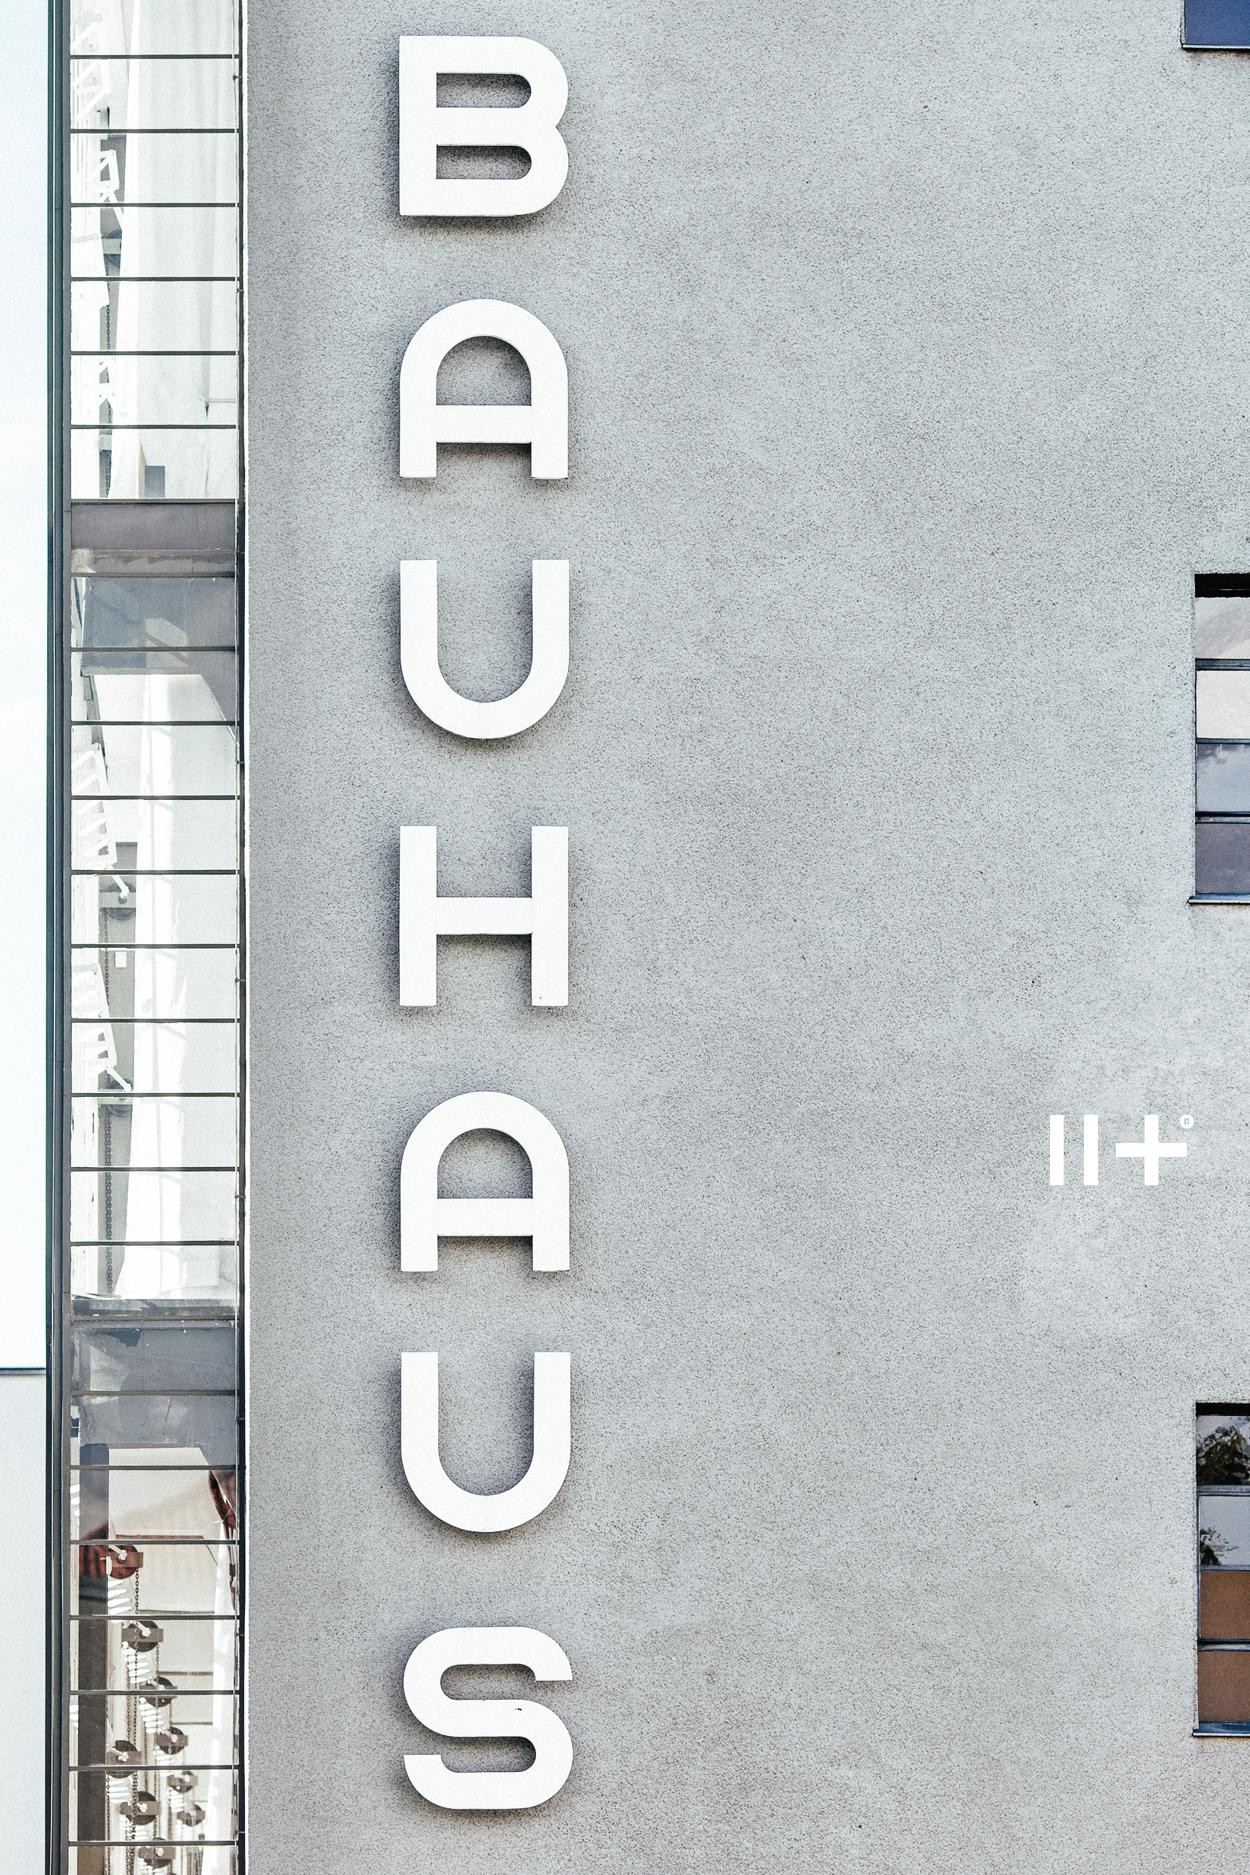 100 Years Of Bauhaus Bauhaus Design Museum